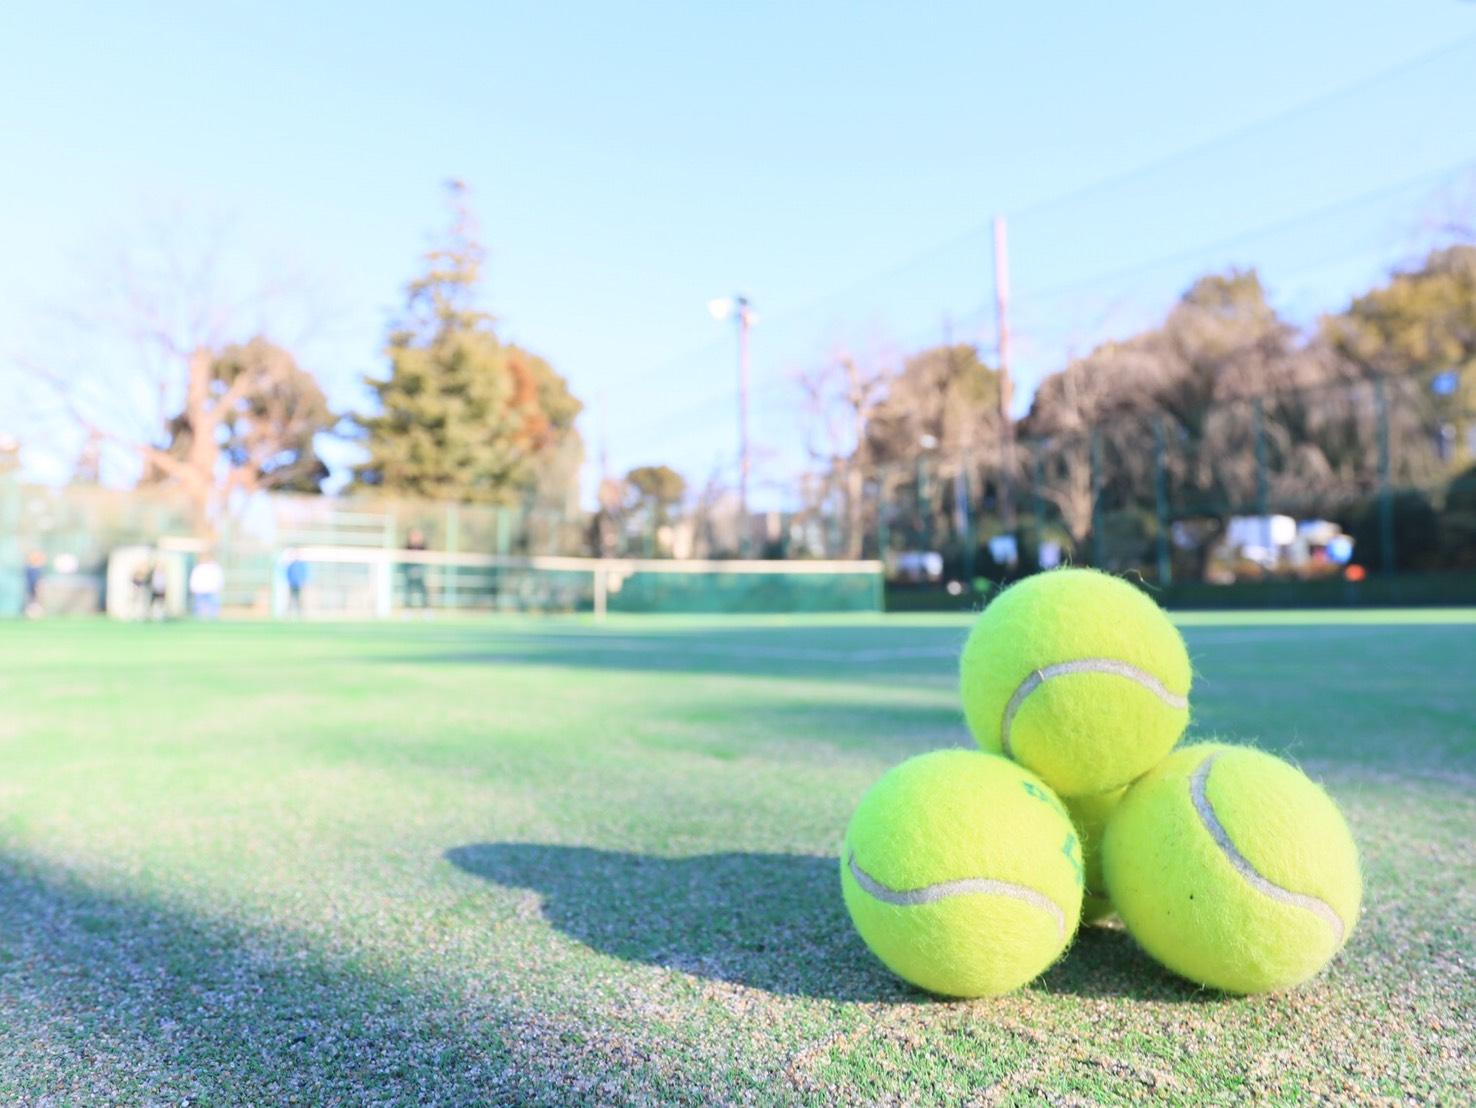 「モンマスティーテニス、ある男の優しさ」_a0075684_0415814.jpg